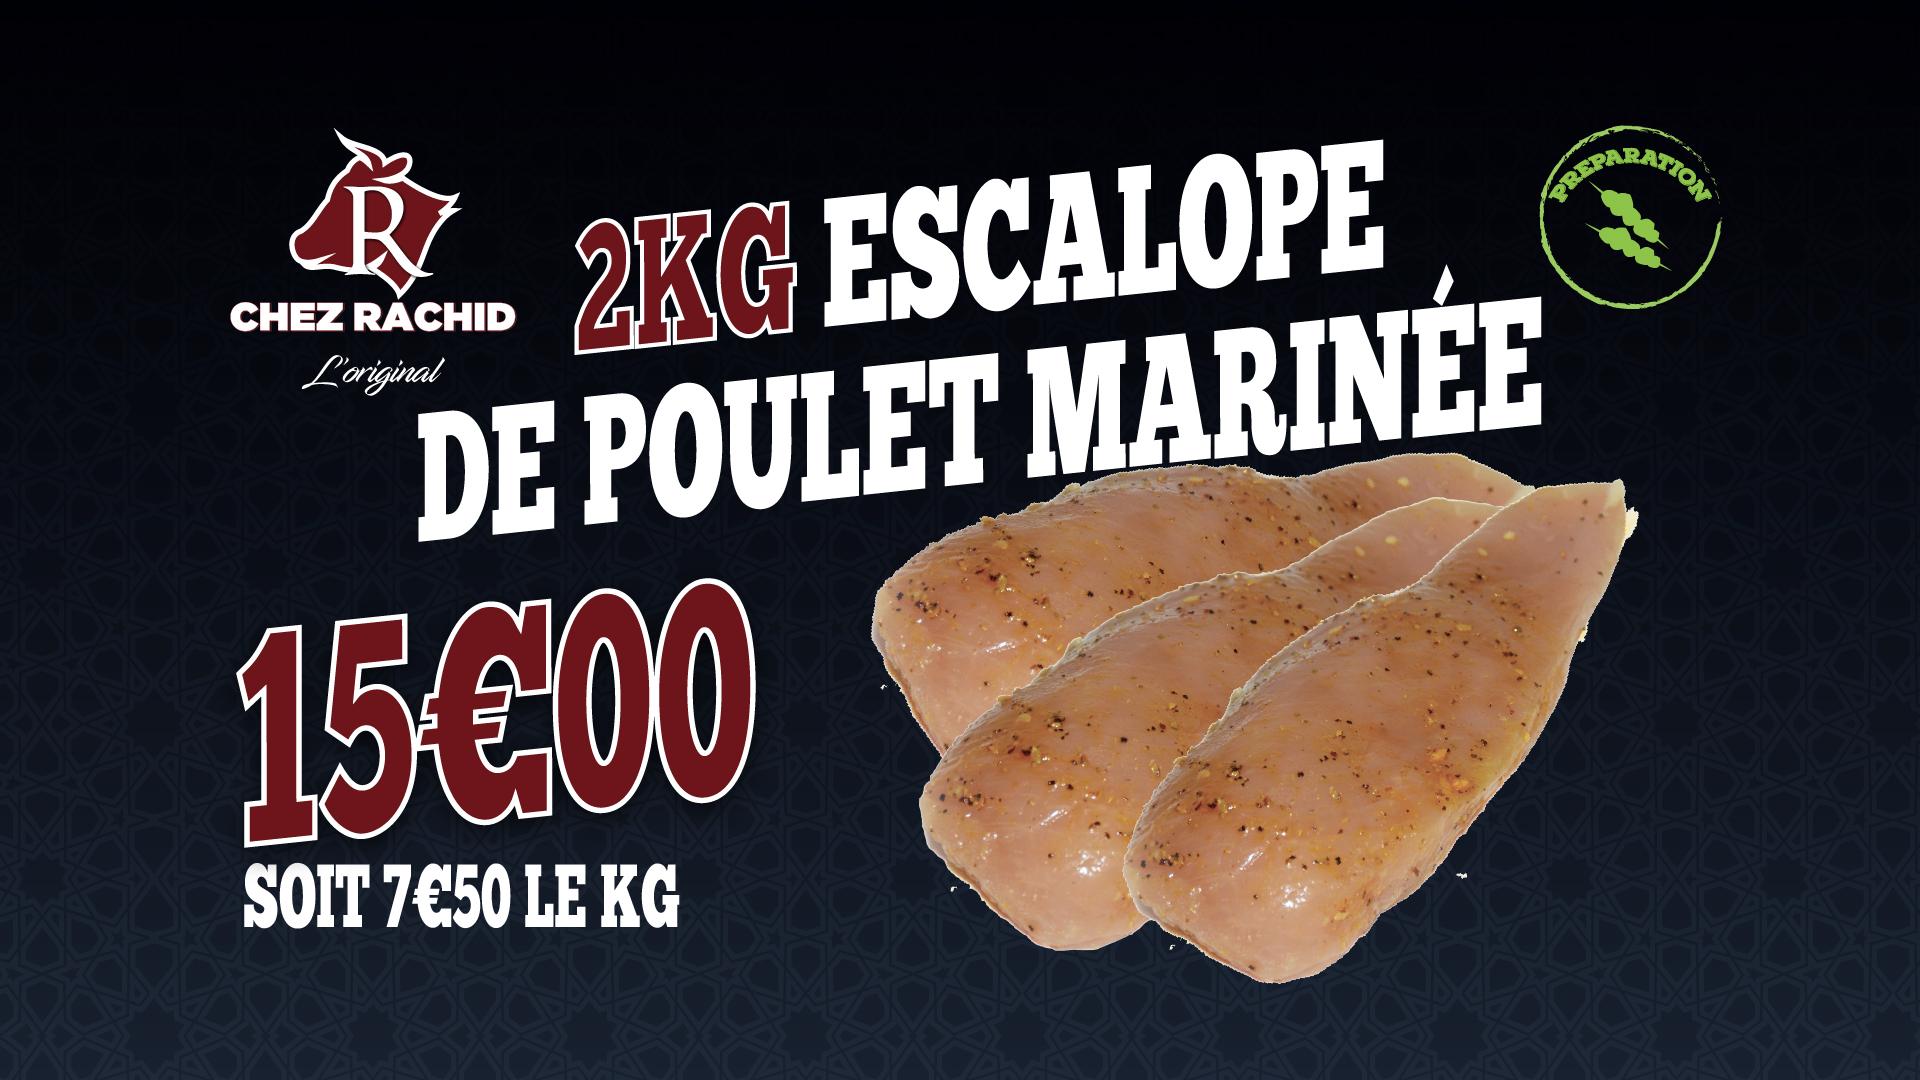 2KG Escalope de poulet marinée